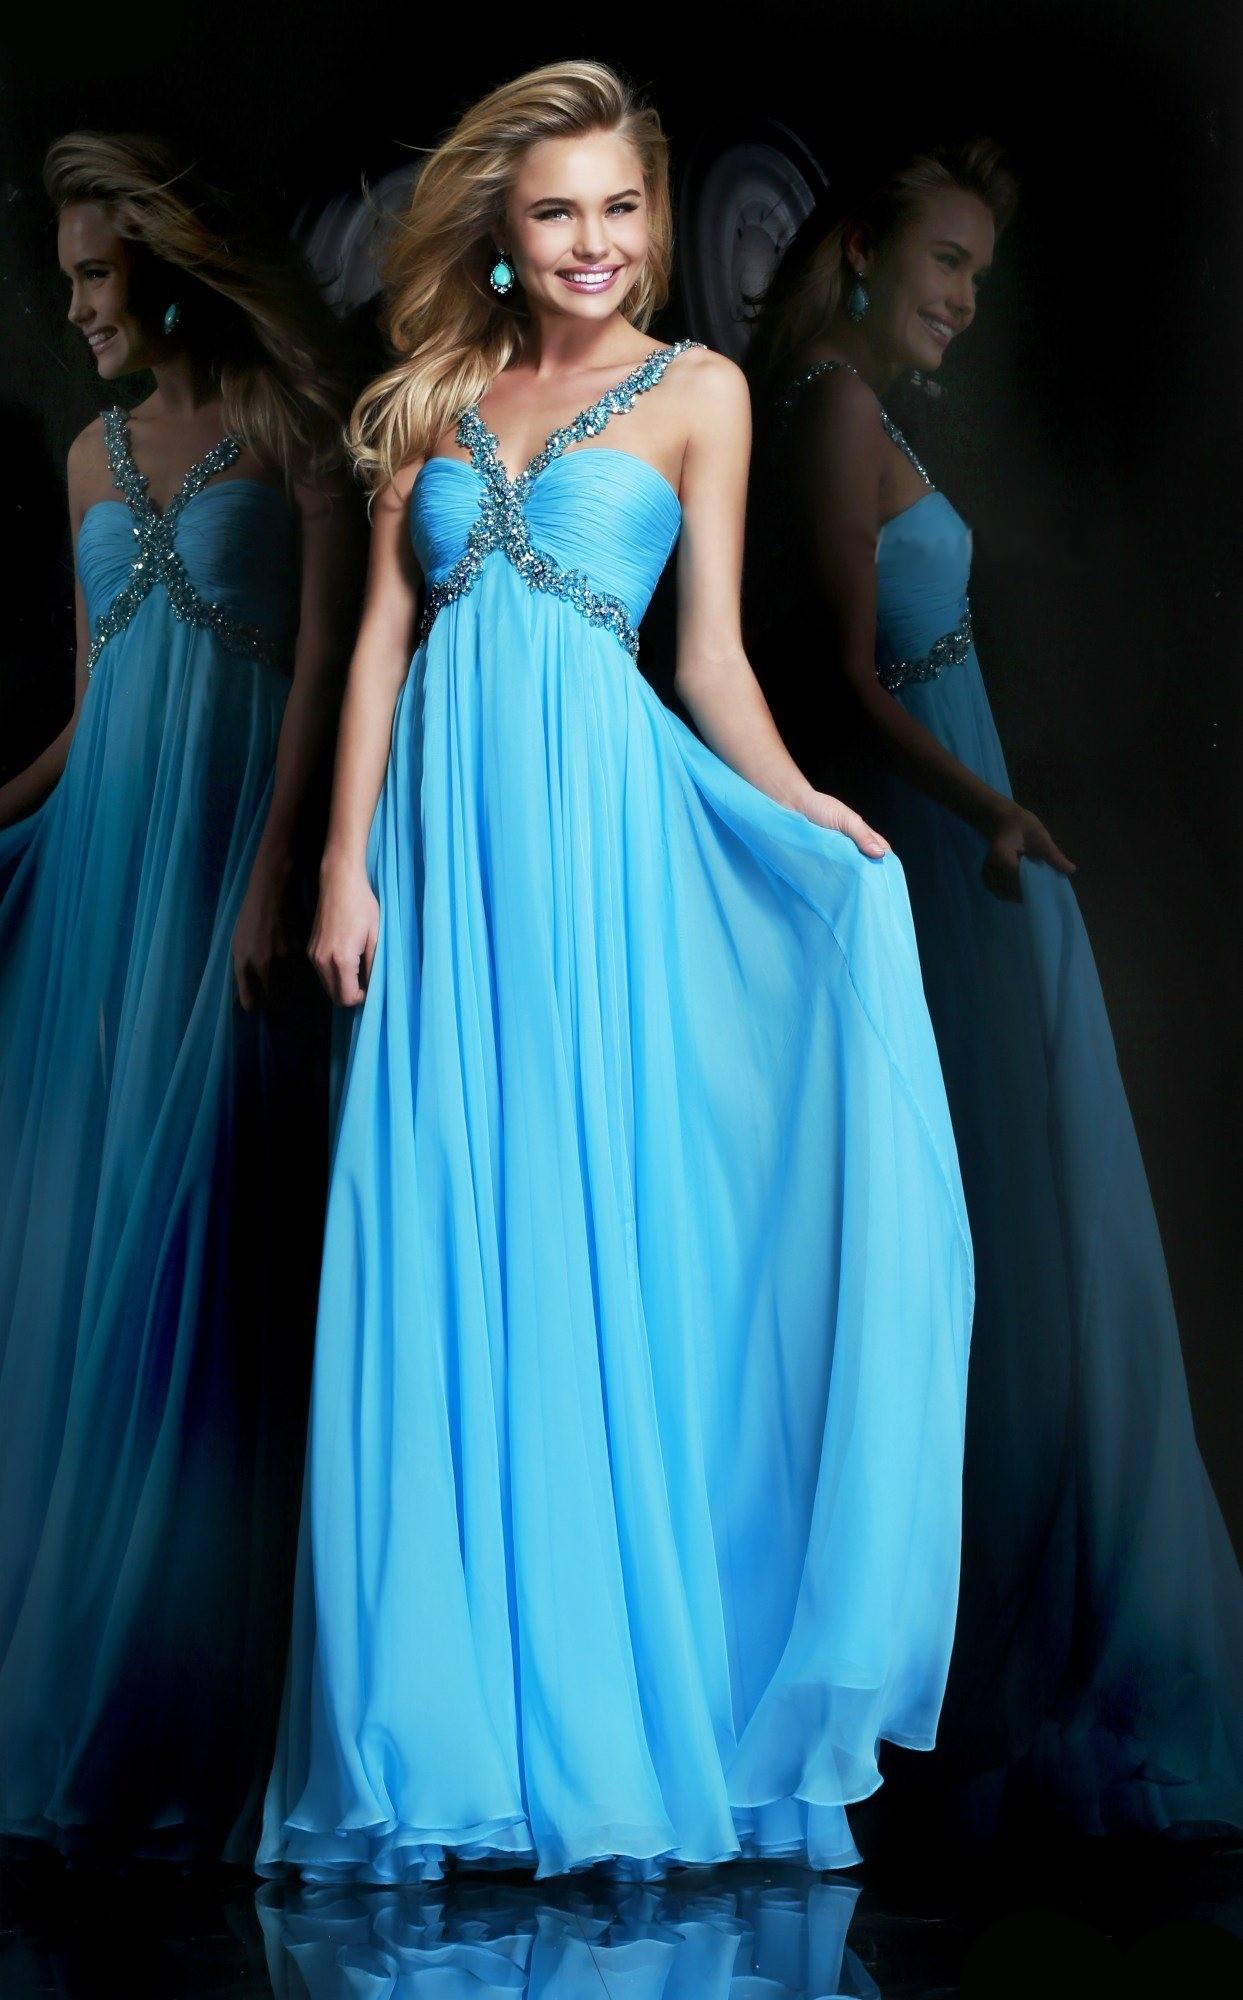 luxusní světle modré společenské plesové šaty na maturitní ples Lorey S-M -  Hollywood Style E-Shop - plesové a svatební šaty 7123a7e0ca